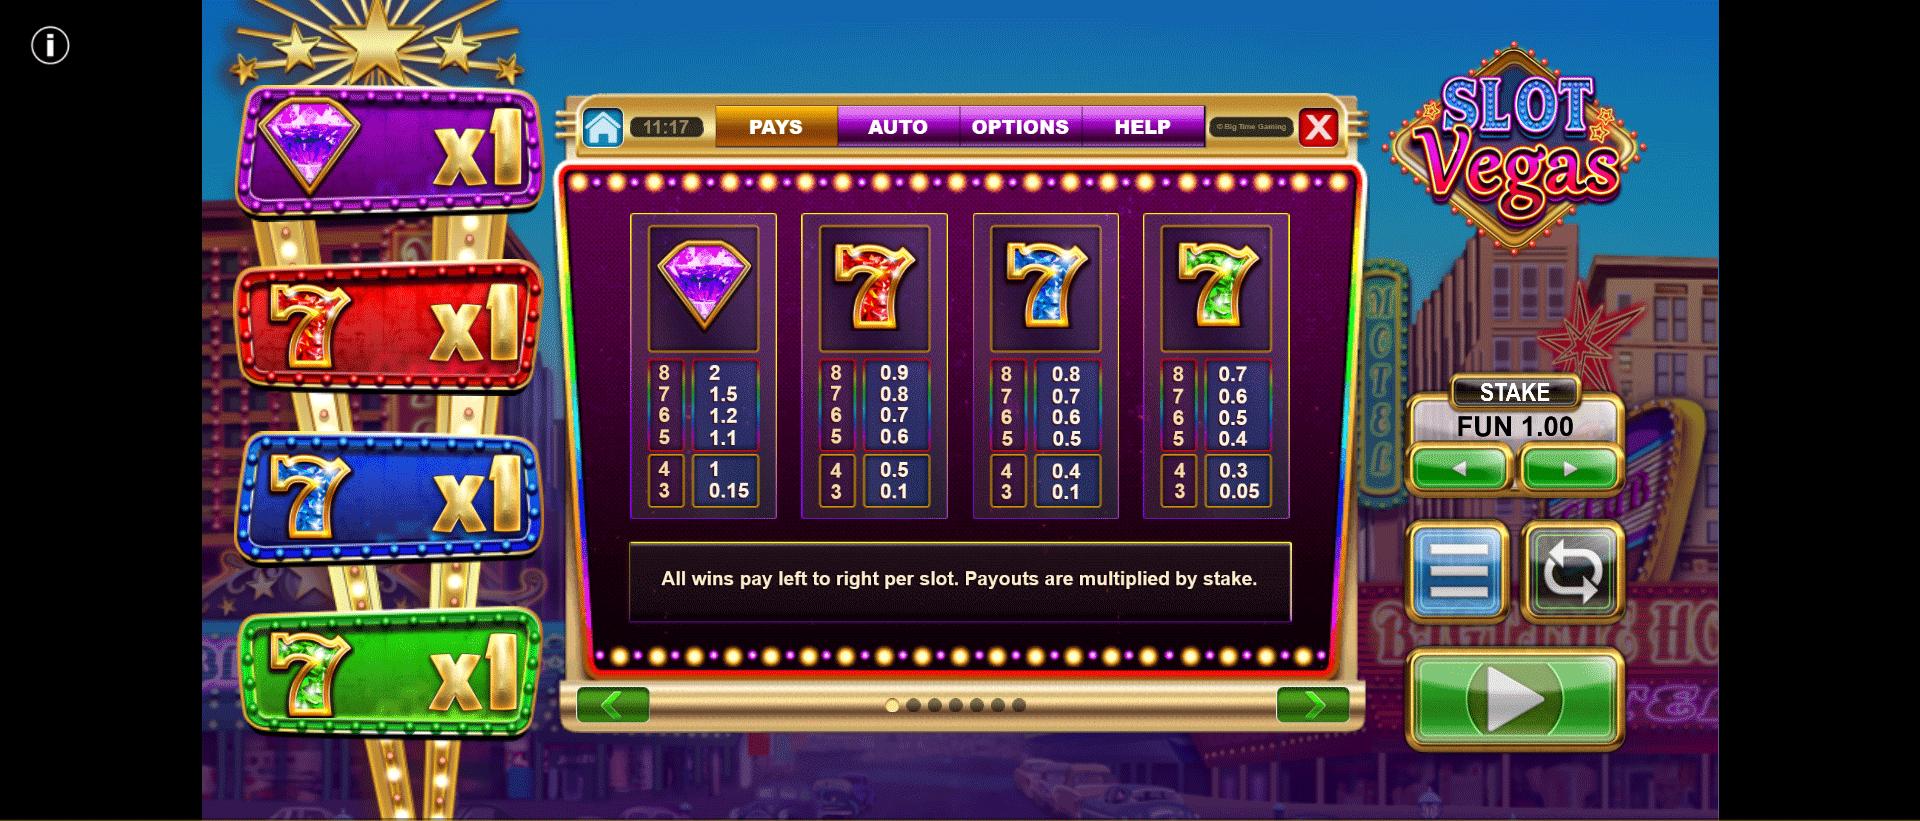 tabella dei pagamenti della slot online slot vegas mega quads